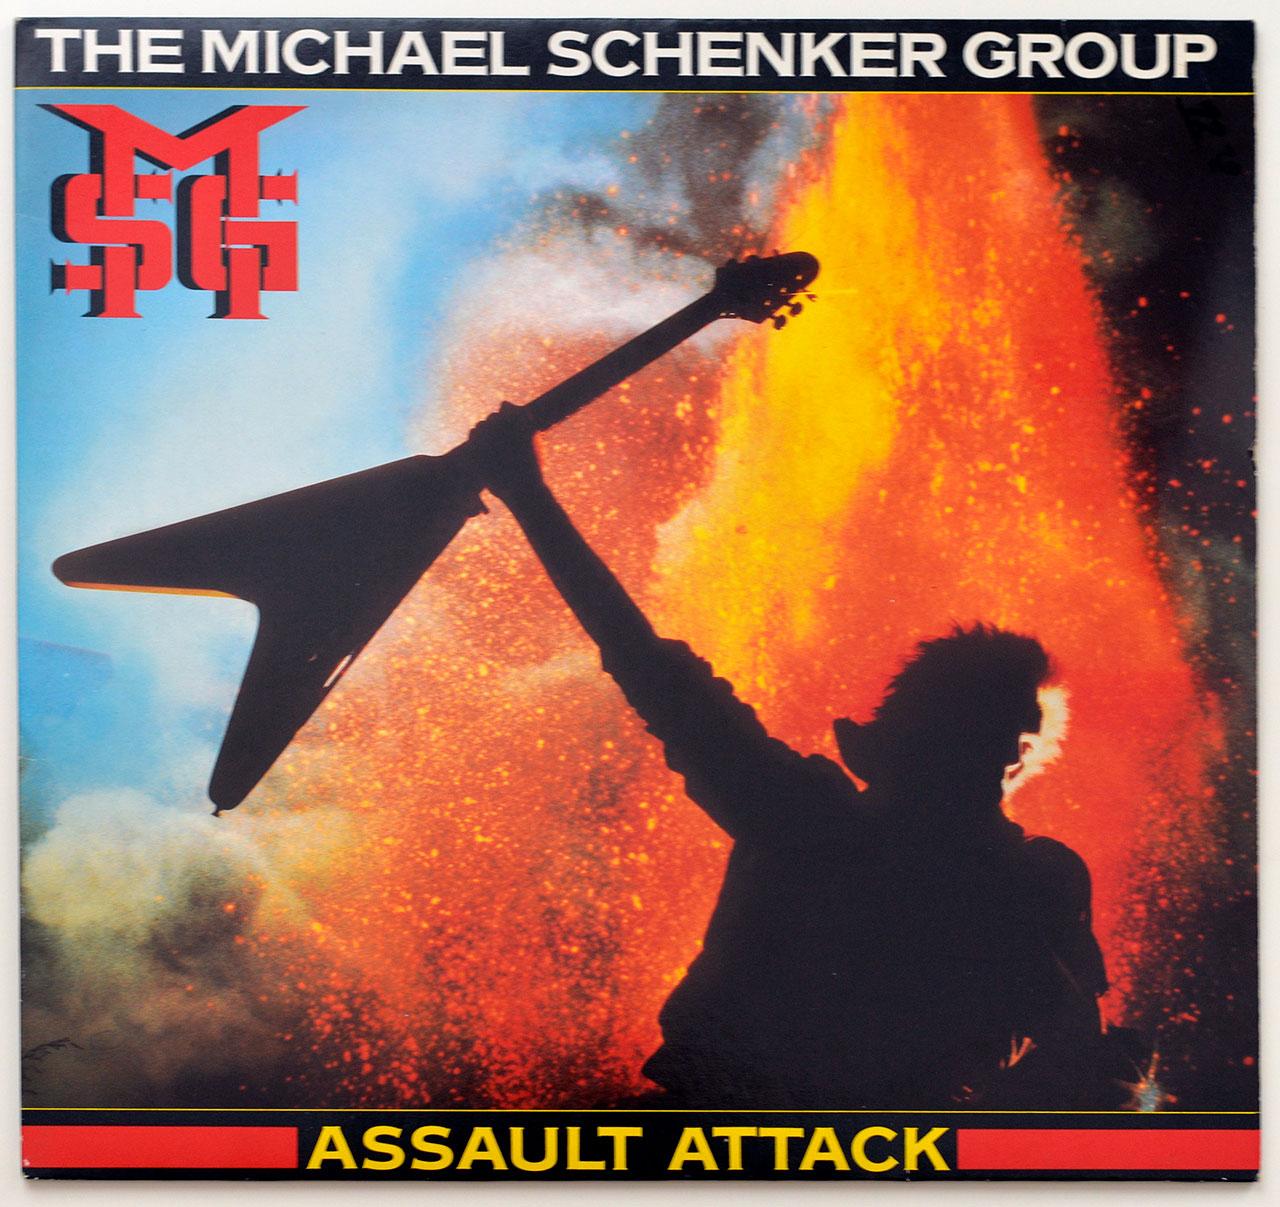 A0742 MICHAEL SCHENKER GROUP Assault Attack